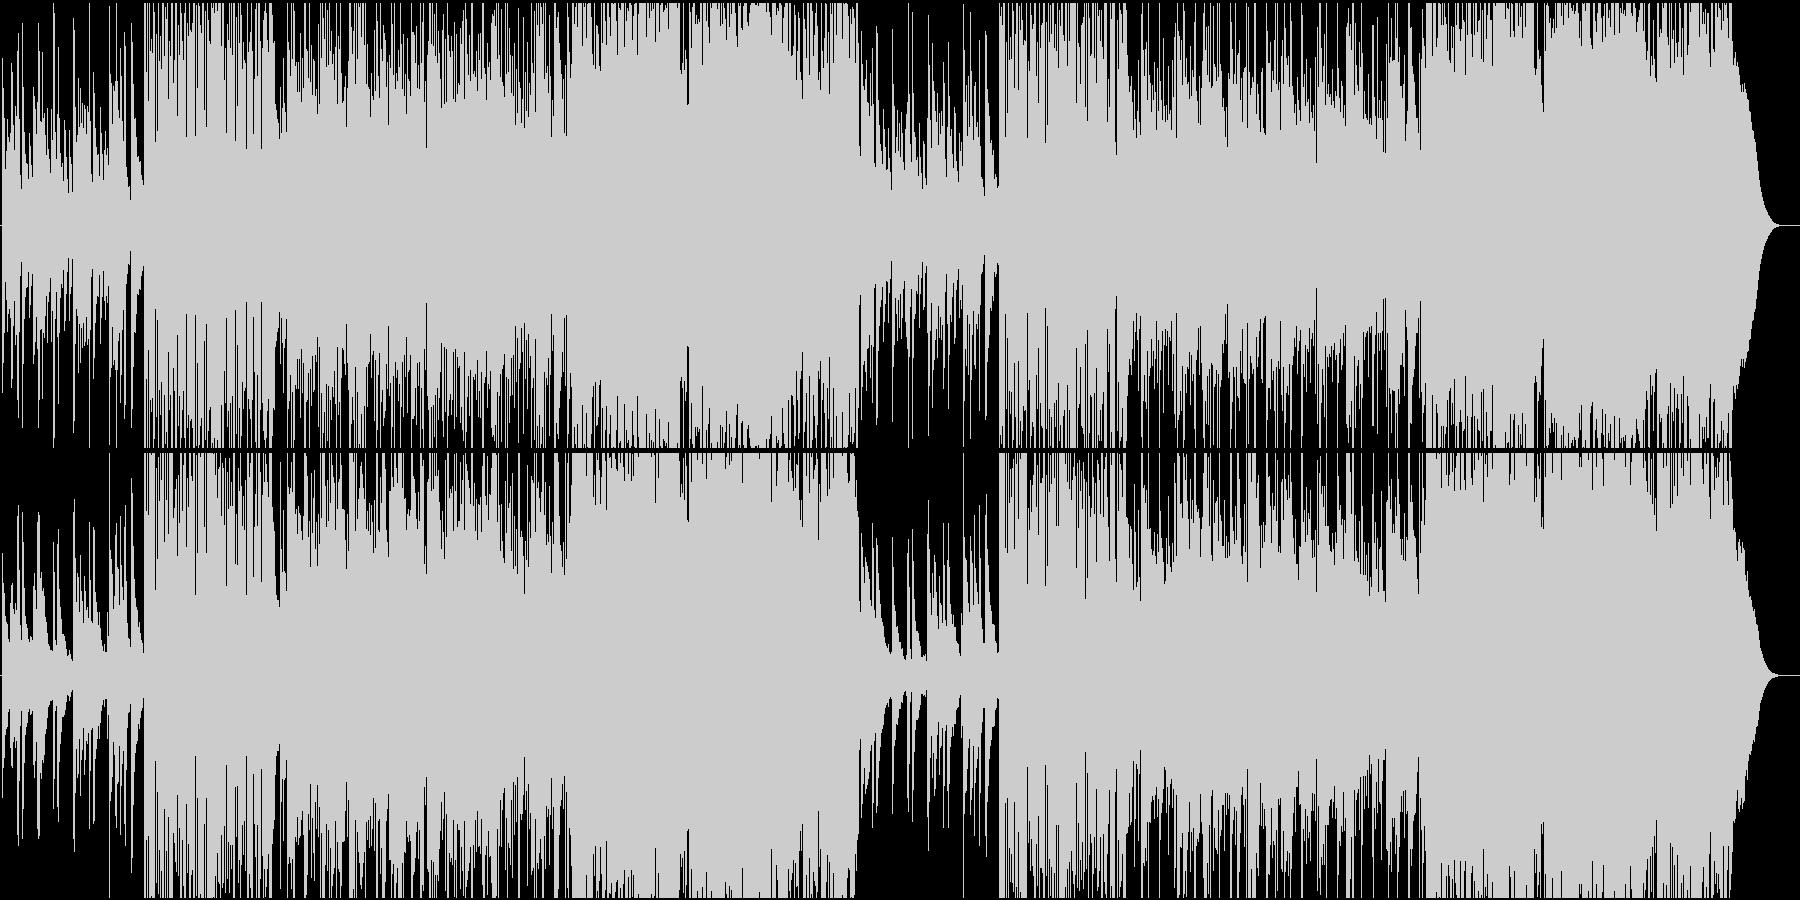 イーグルス系少し早めのカントリーロックの未再生の波形